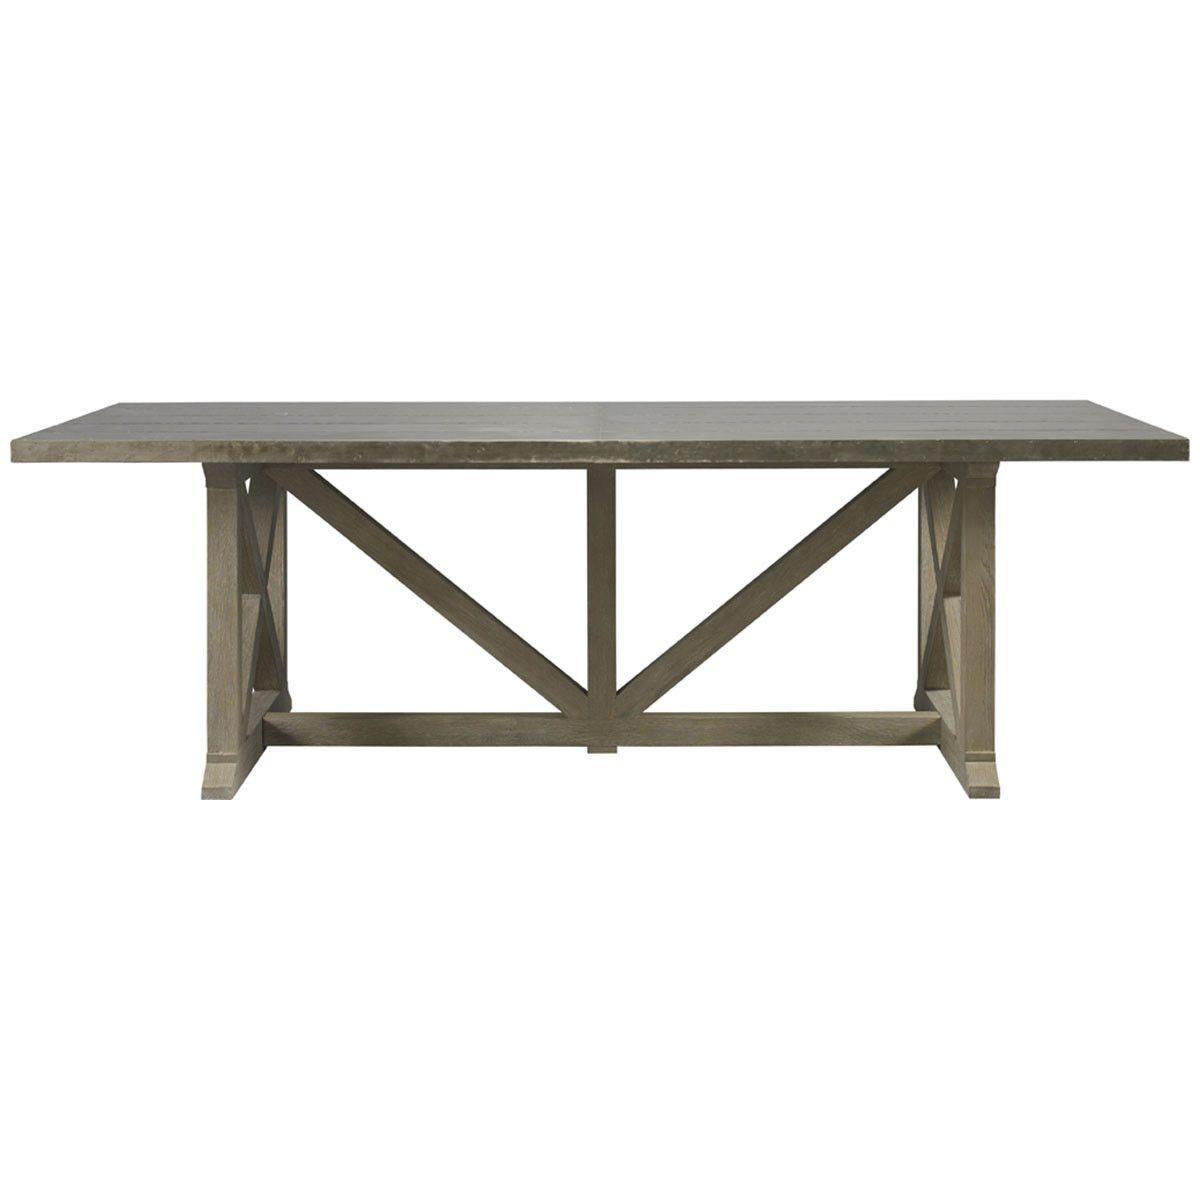 Lillian August Sander S Farm Table La97008 01 Farm Dining Table